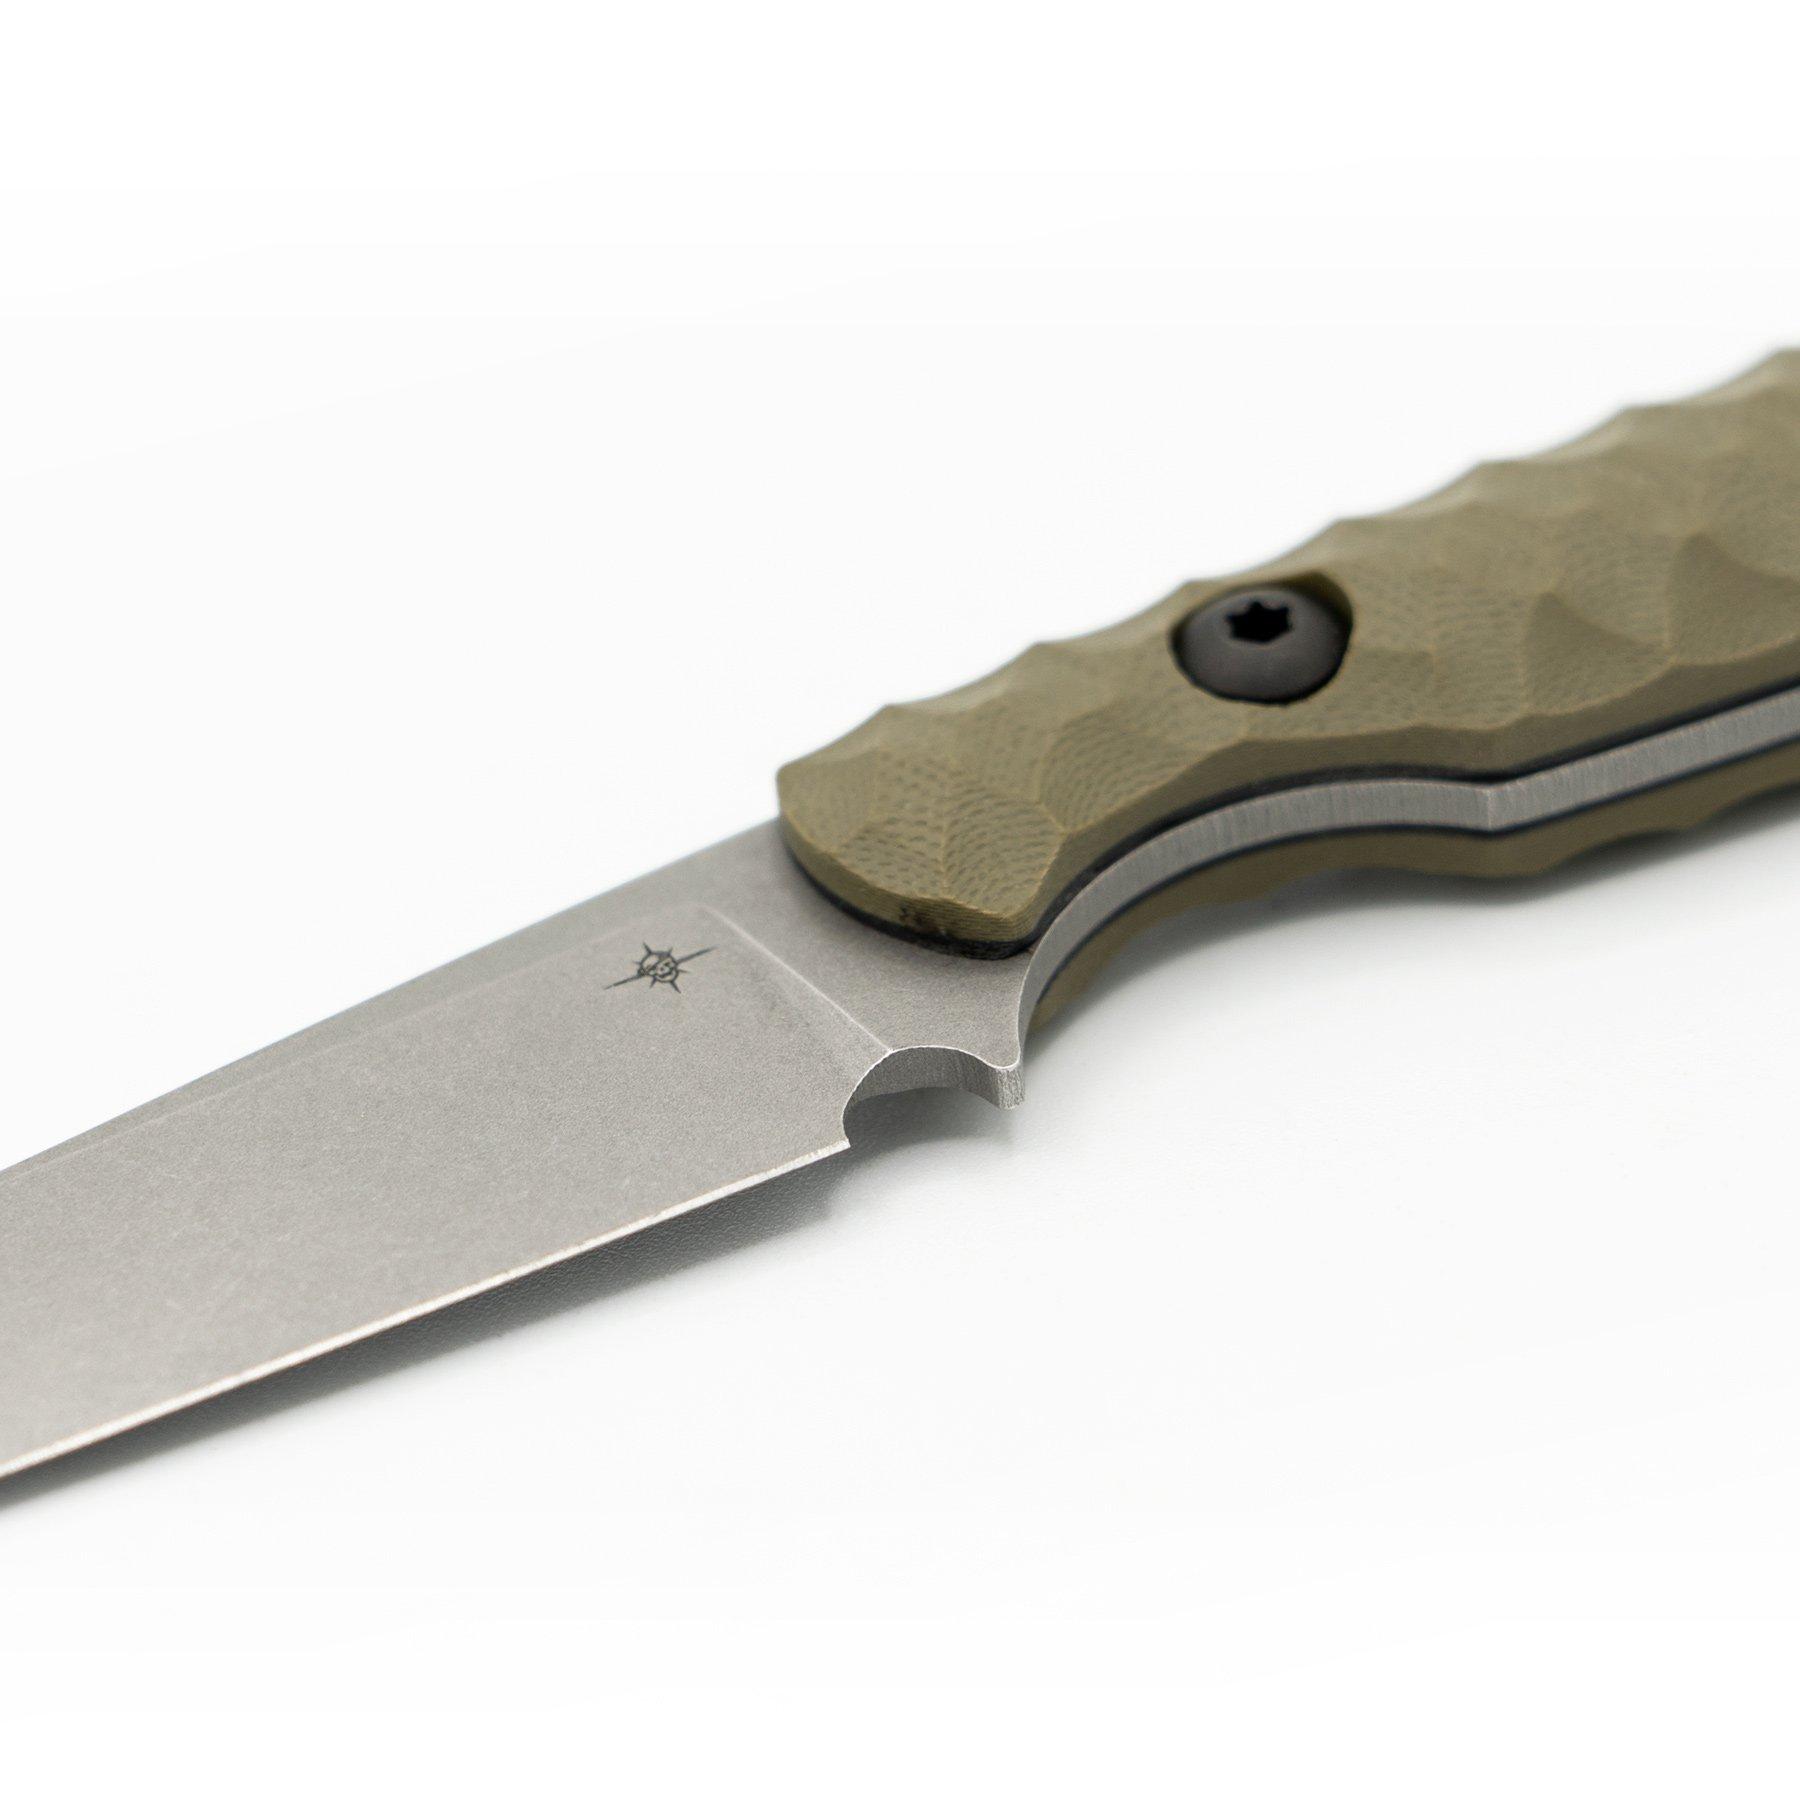 toor knives avalon fixed blade knife skinner knife knives